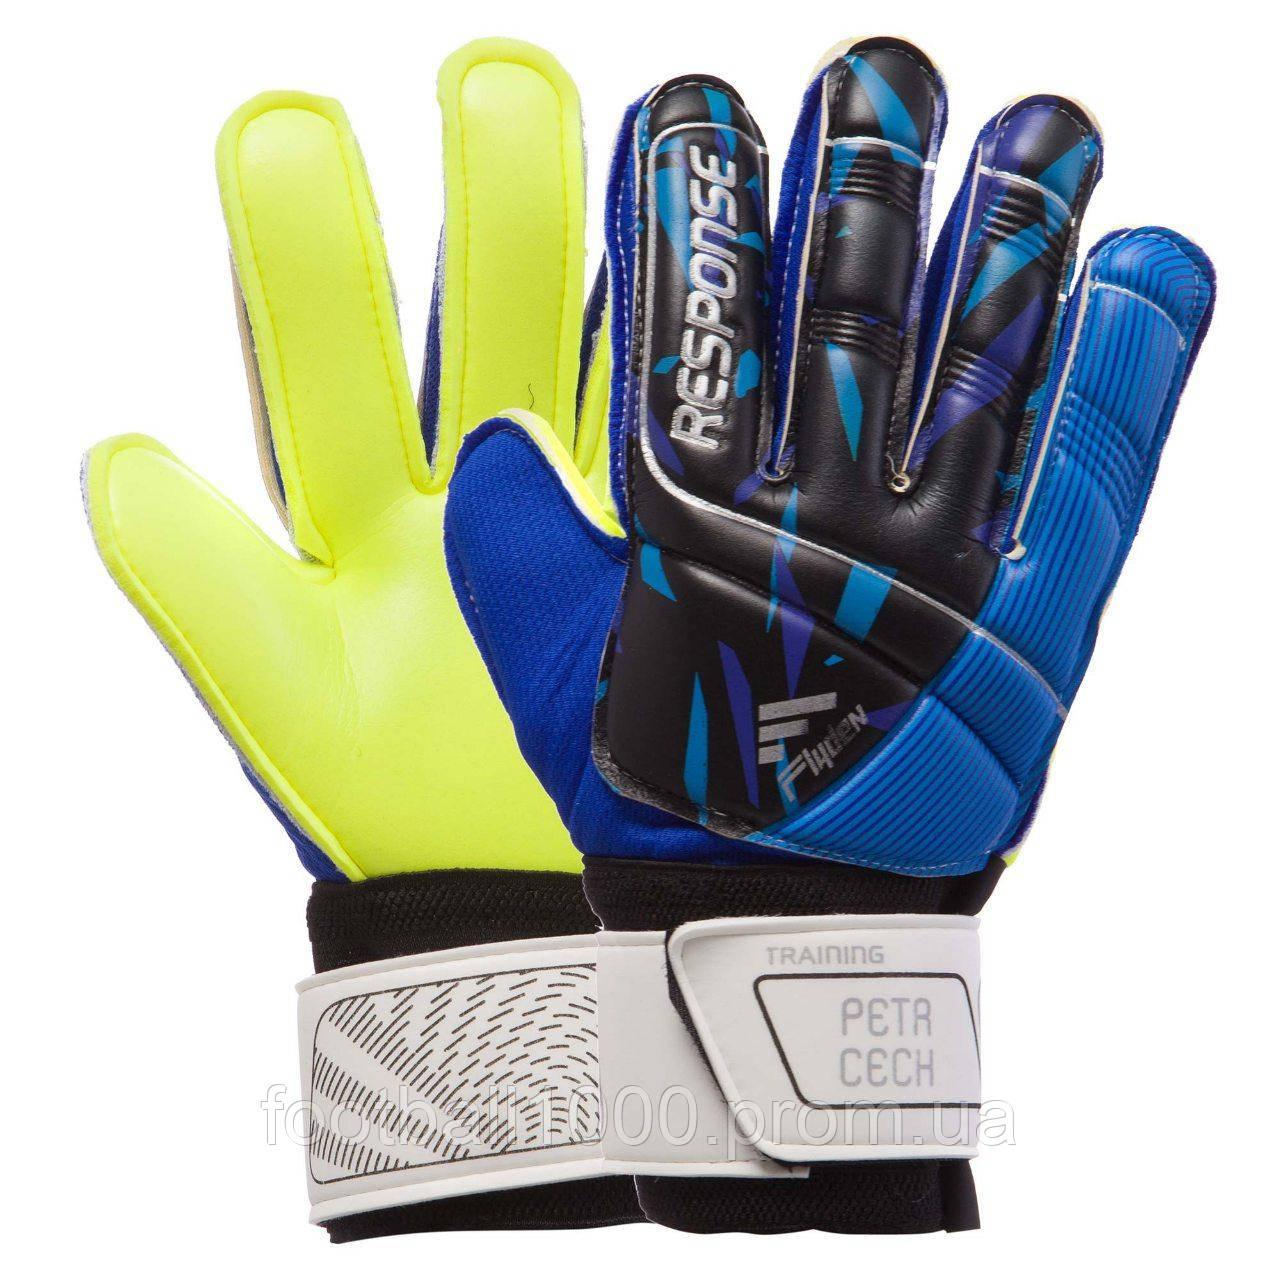 Воротарські Дитячі рукавички PETRCECH салатово-сині